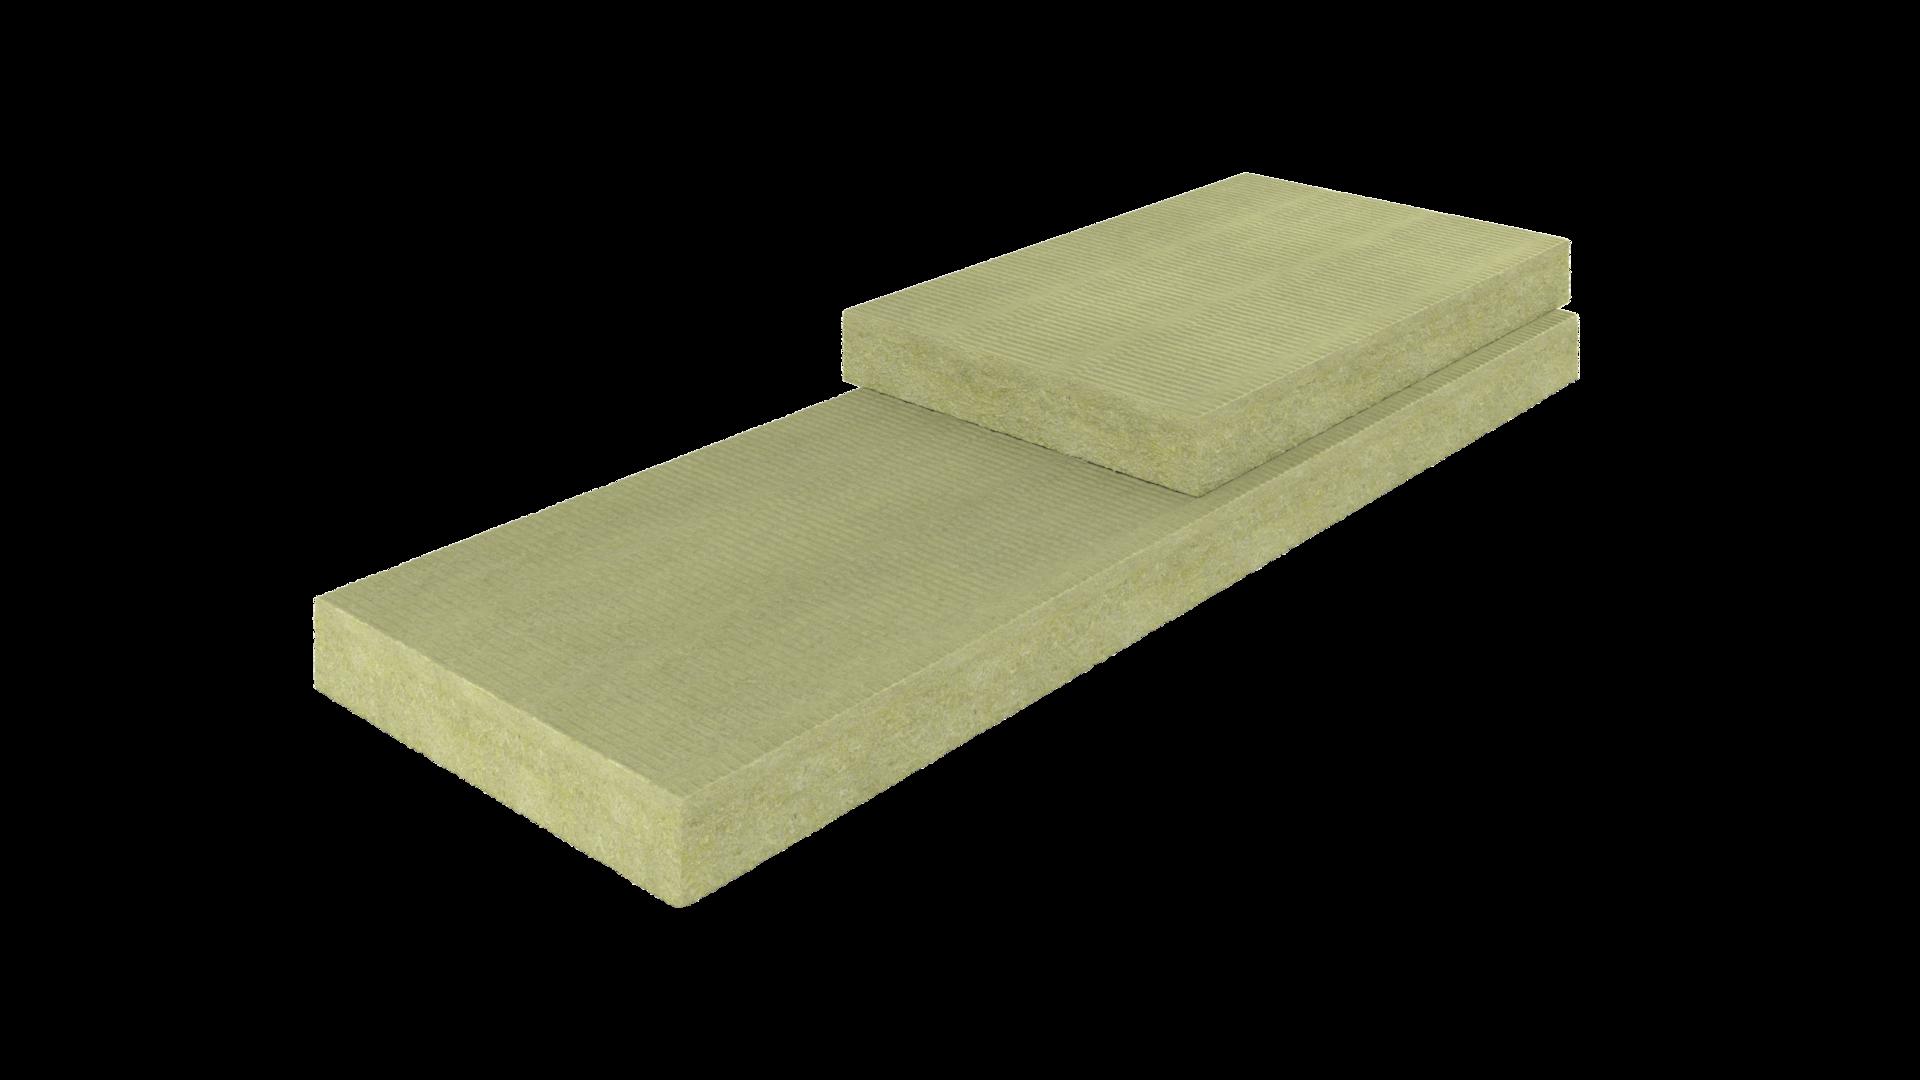 Tauroxx panneau isolant pour toit plat rockwool for Isolation toiture plate